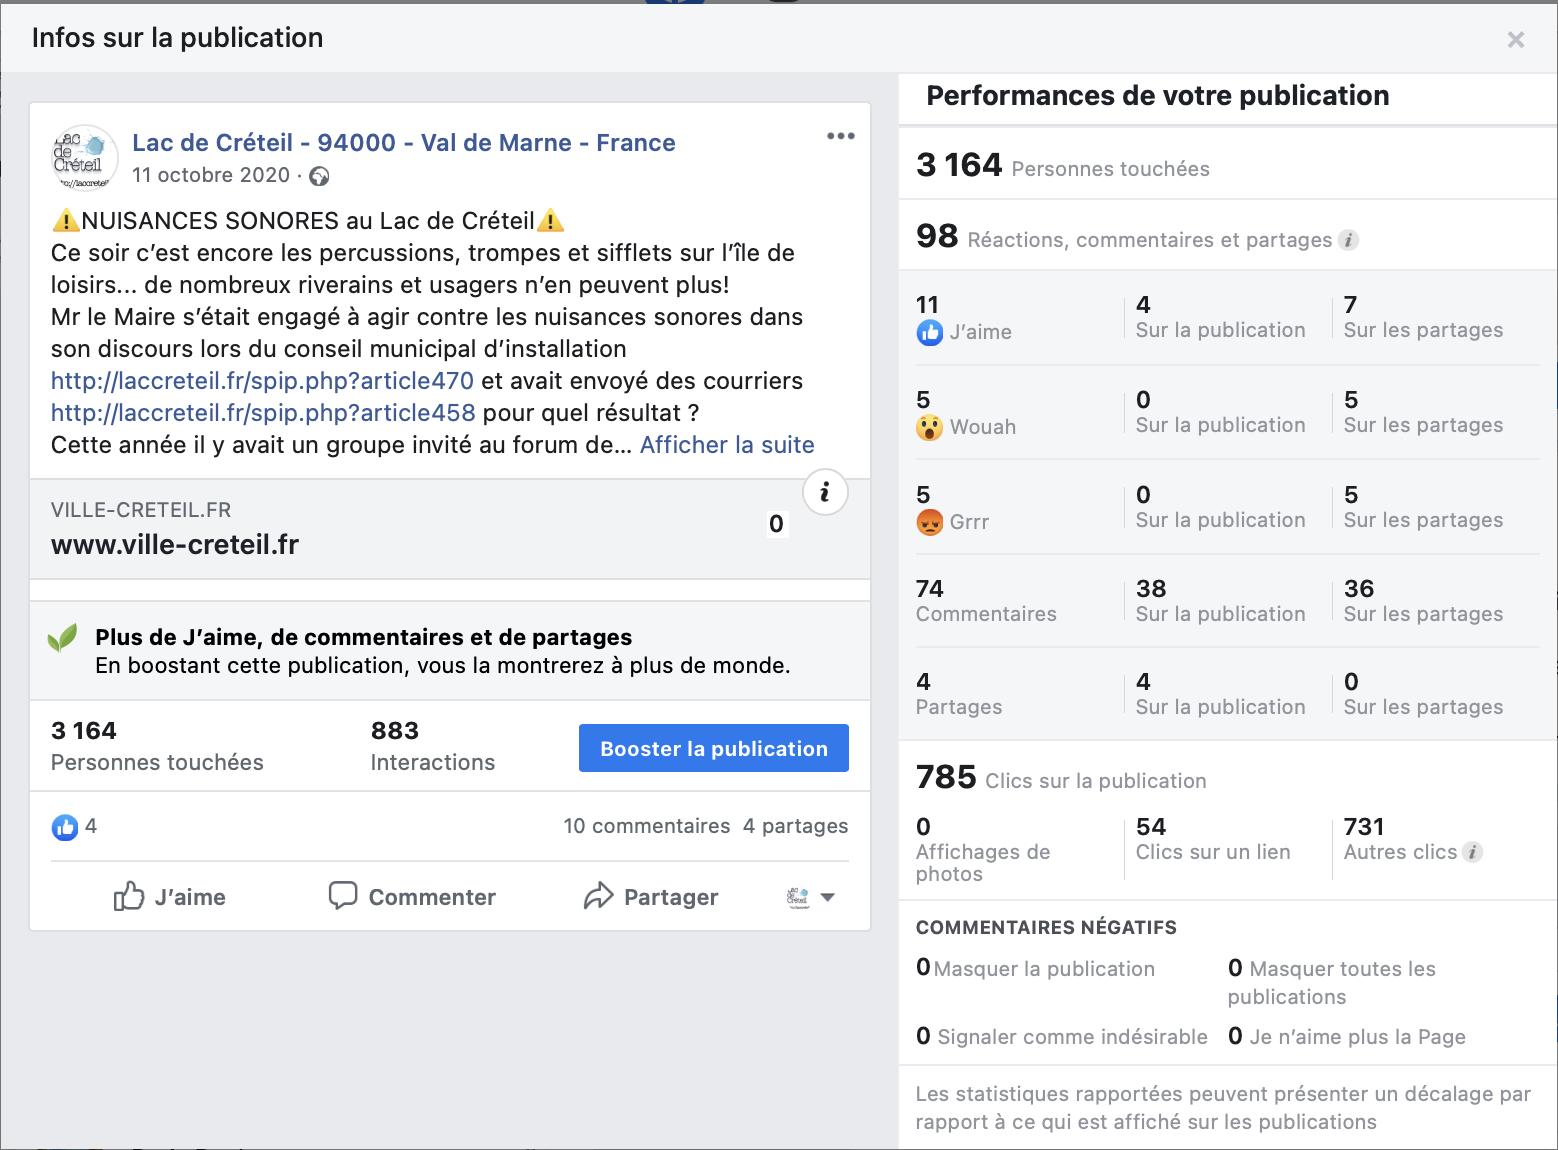 Plus 3160 Personnes touchées, avec 98 réactions, commentaires et partages...